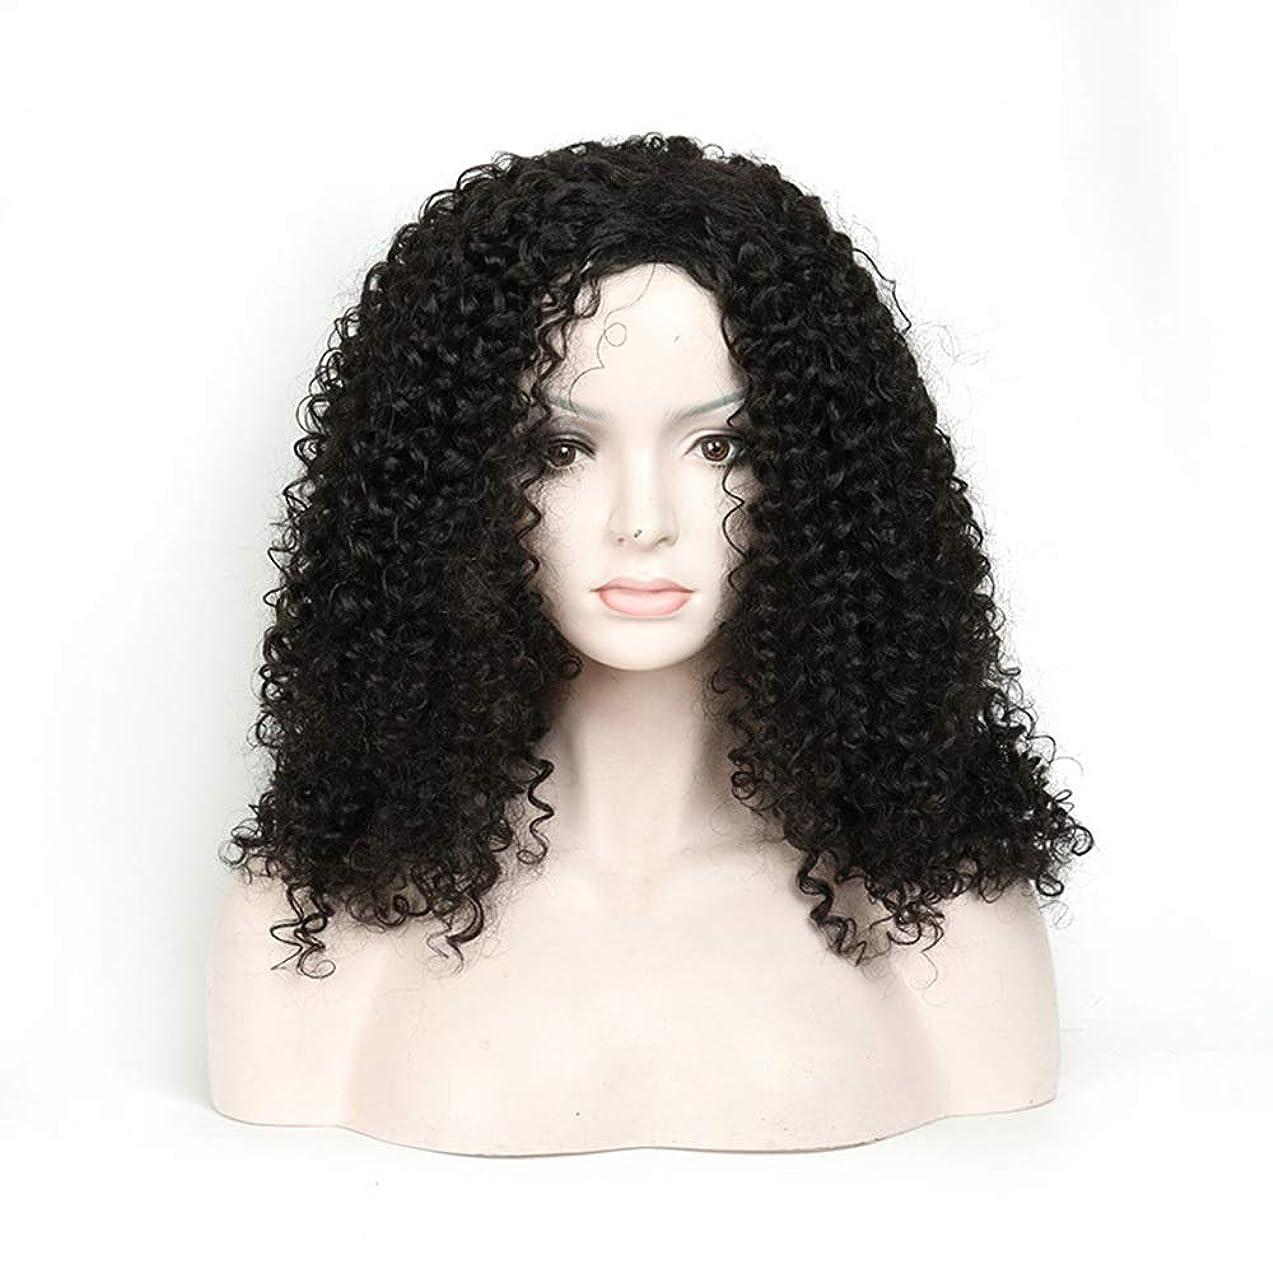 だらしない男性見捨てられたYrattary 人工毛アフリカブラックロングカーリーウィッグ18インチ女性用デイリードレスパーティーウィッグ (Color : ブラック)